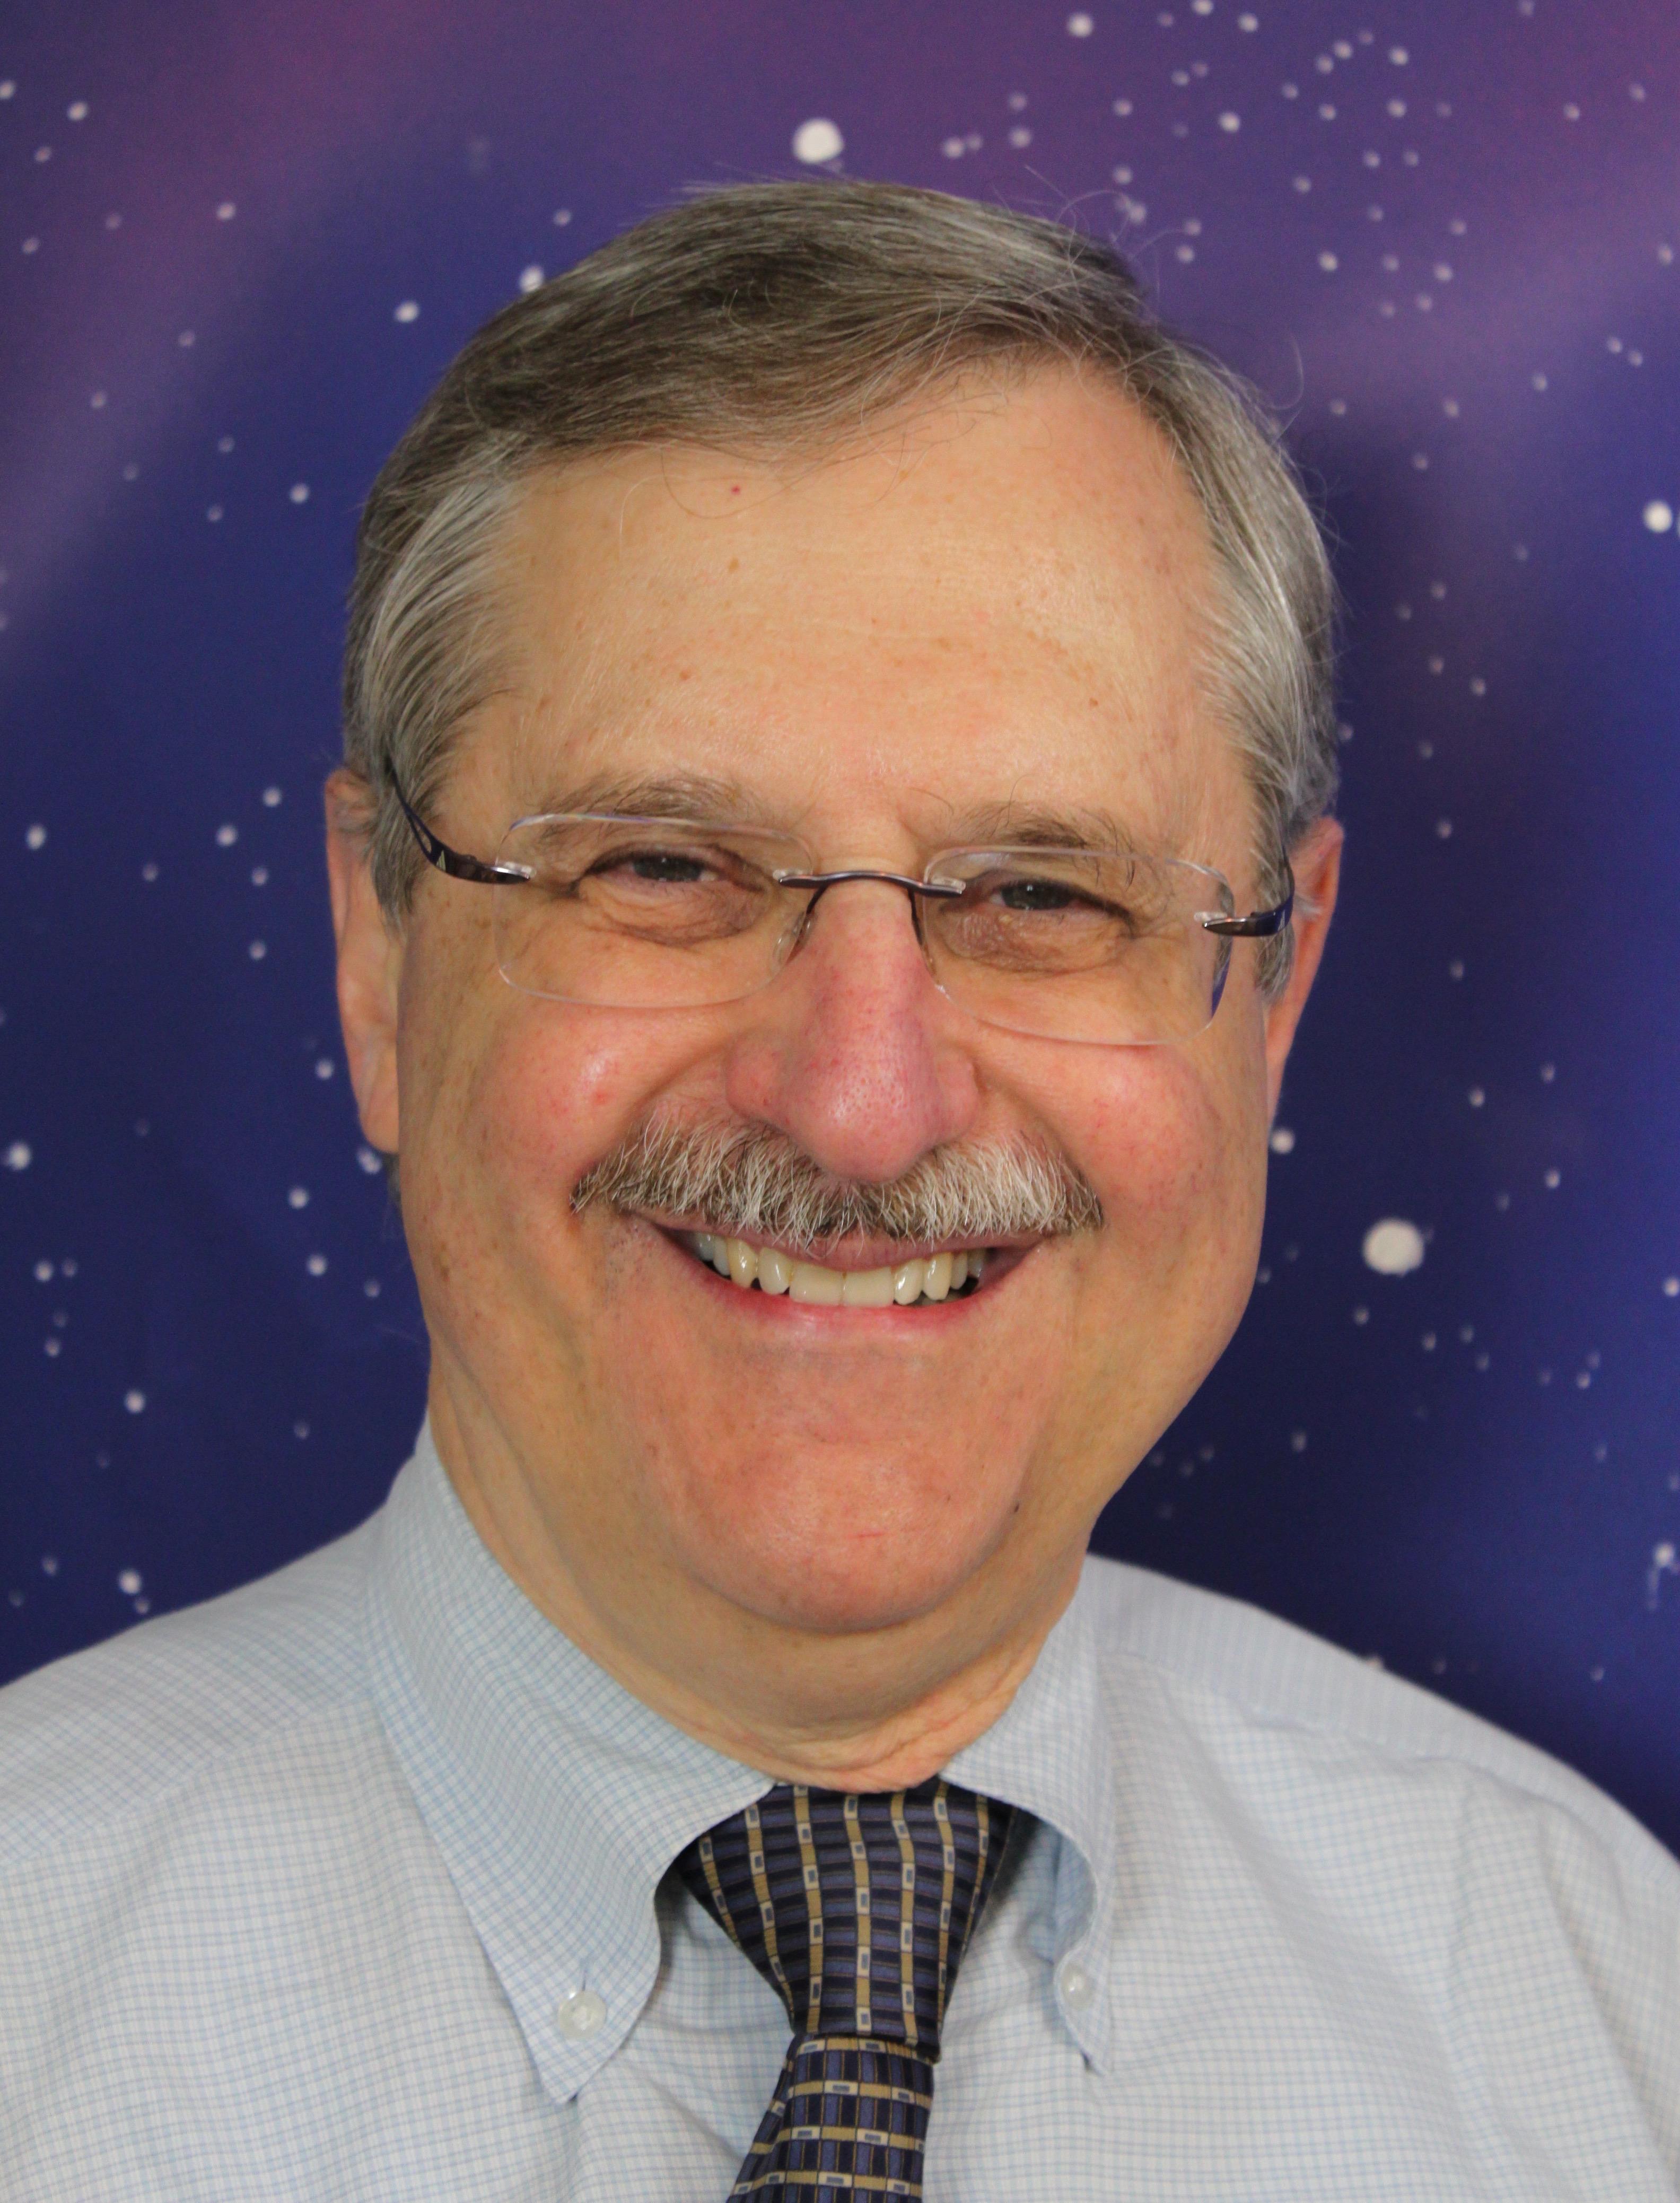 Dr. Andrew Fraknoi